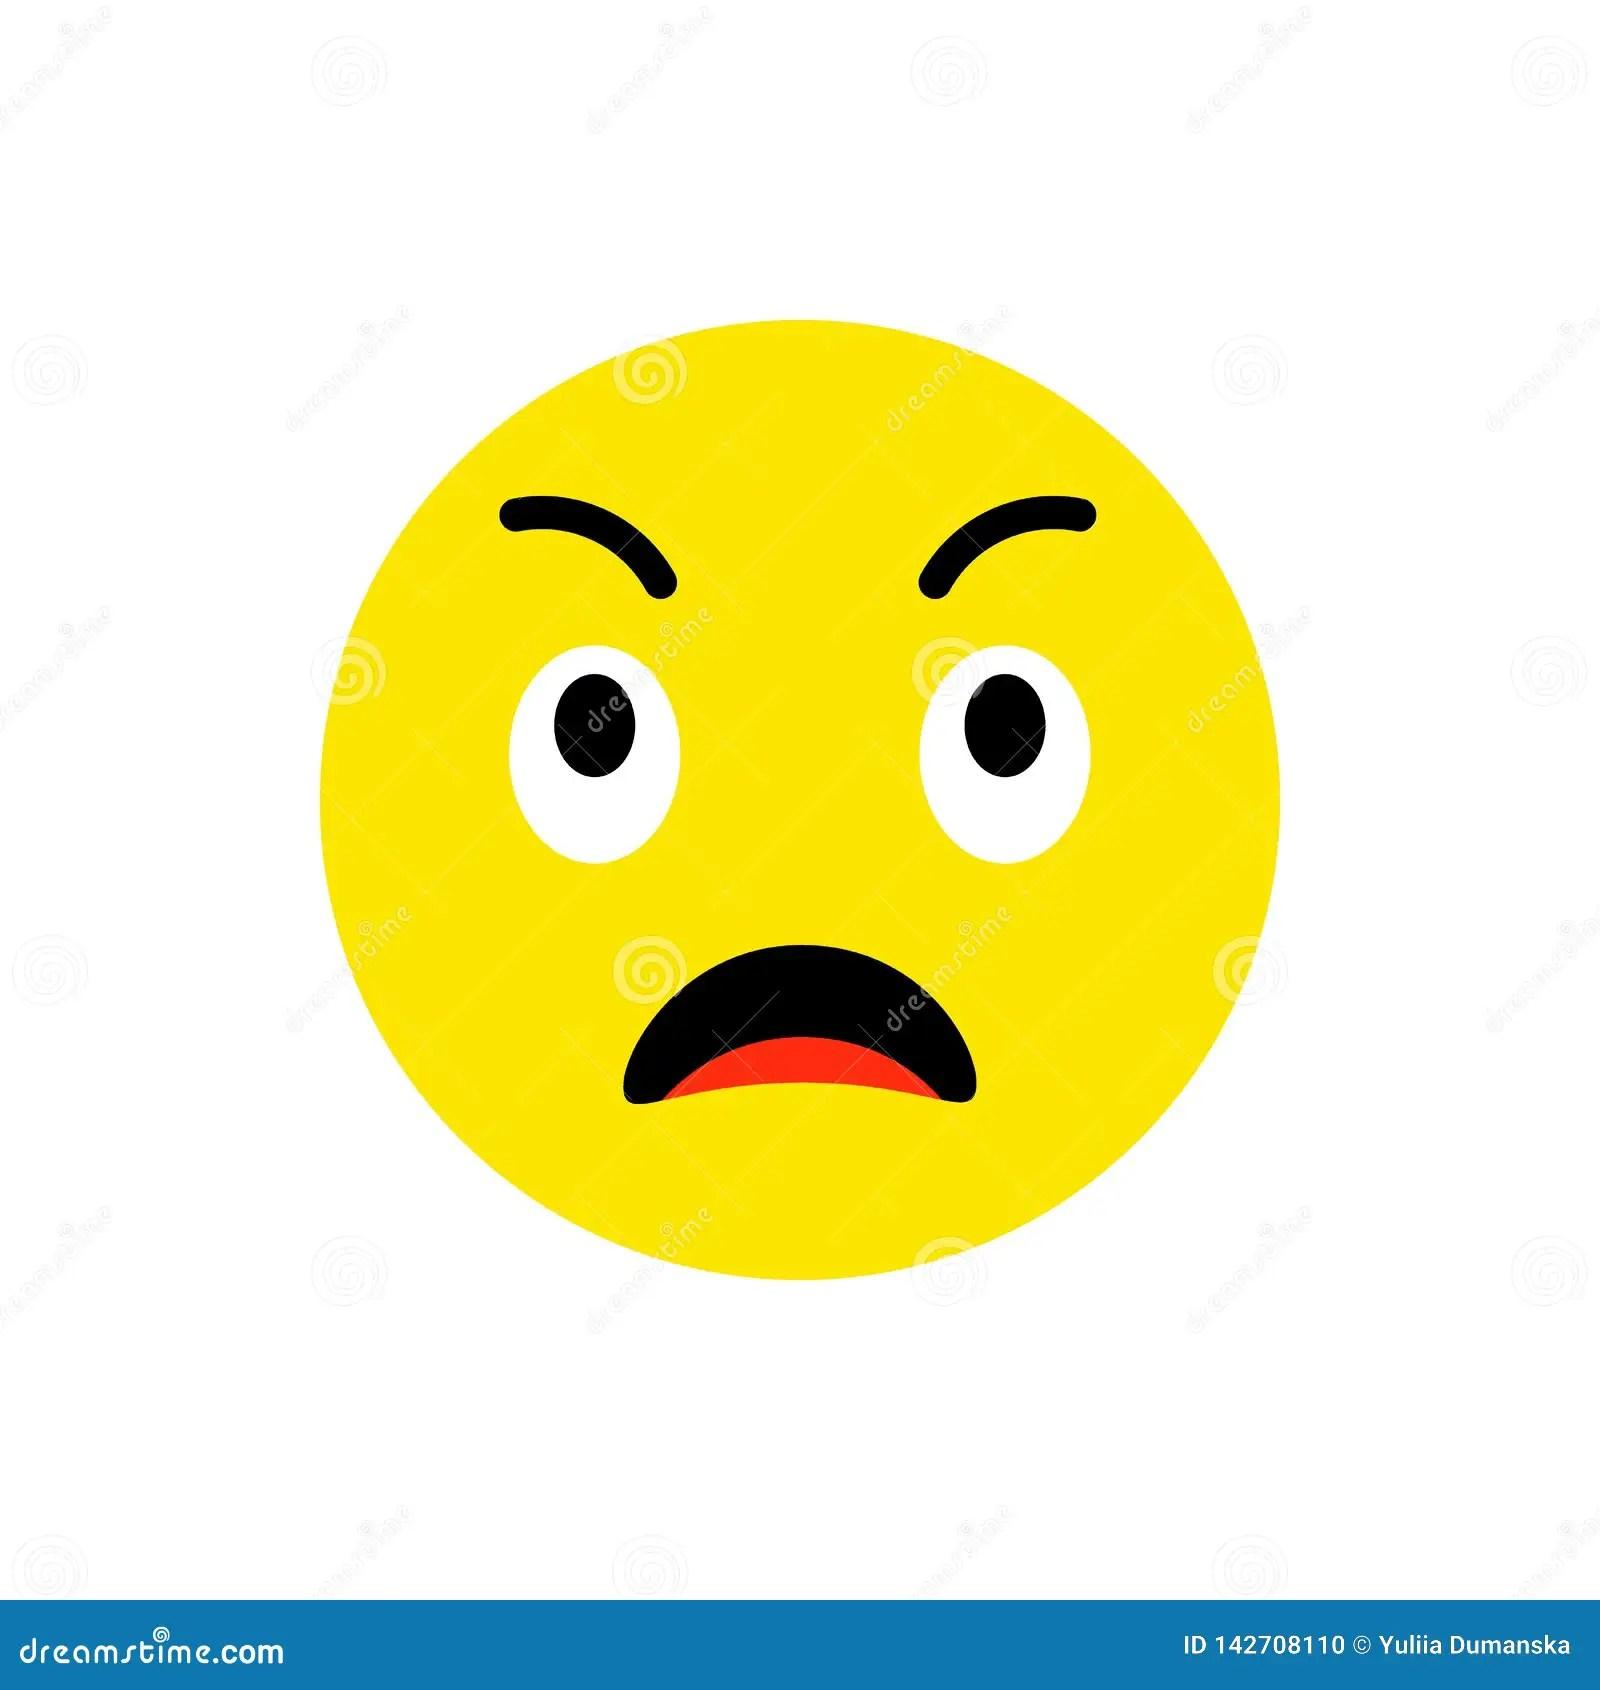 pensive face emoji icon